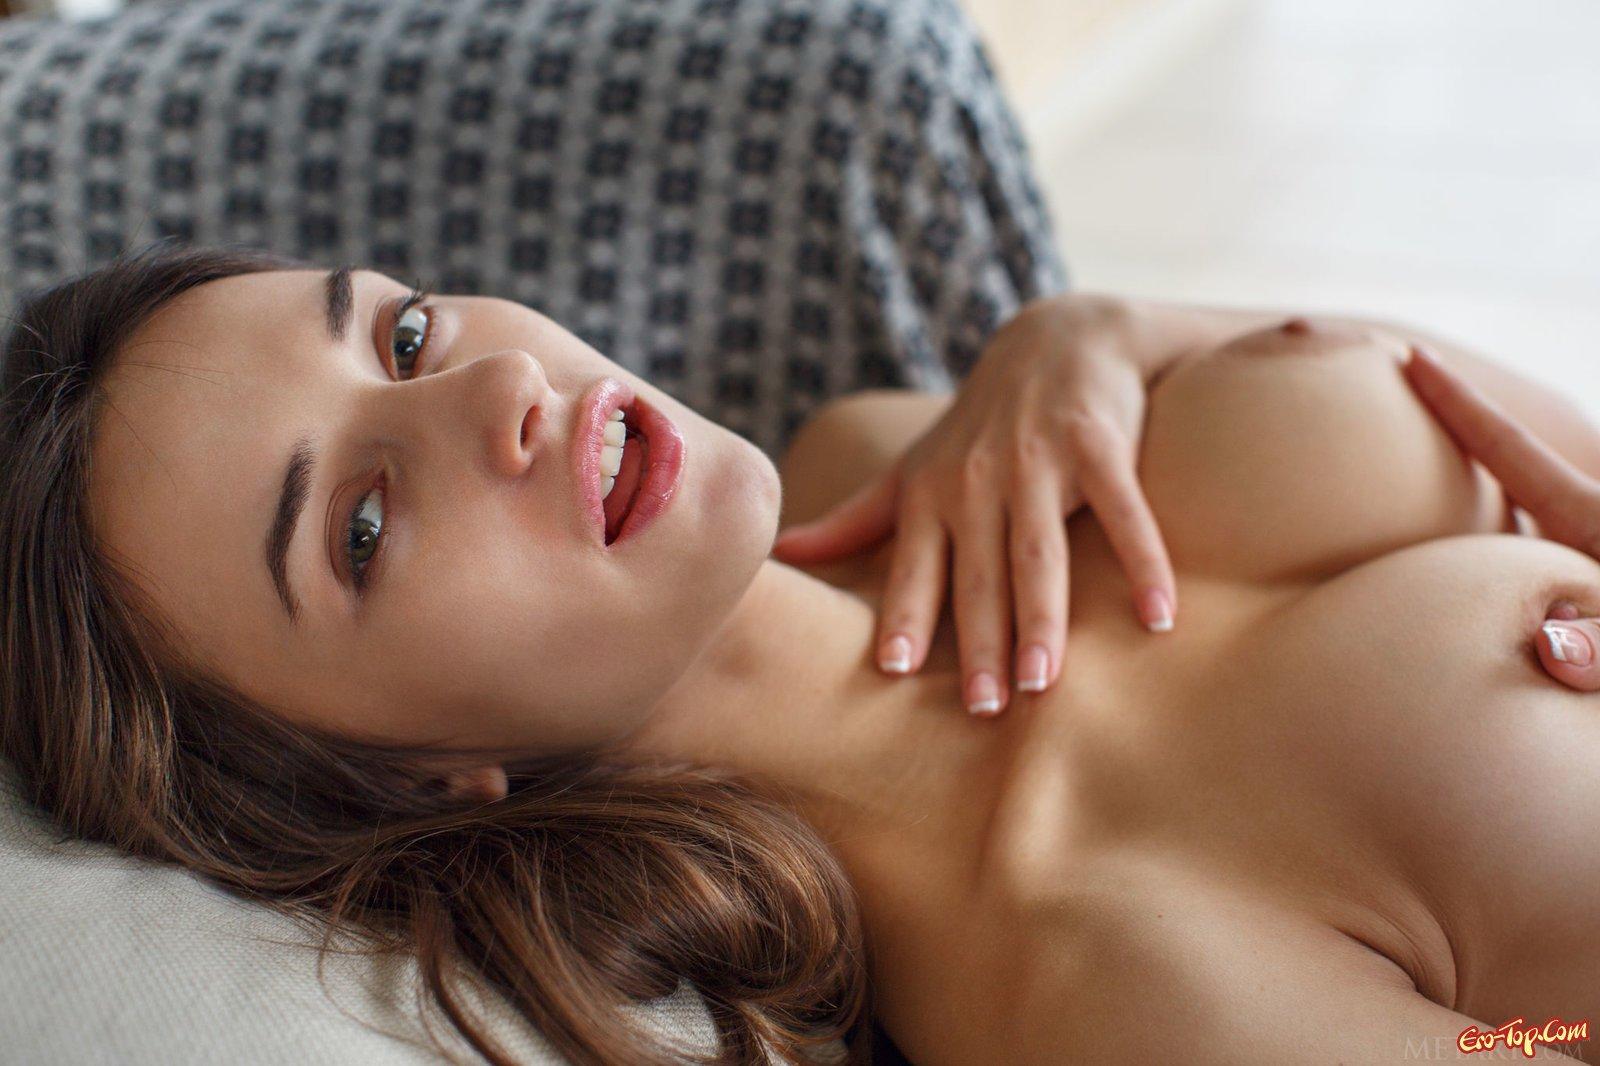 Сексуально трогает себя и снимает трусики